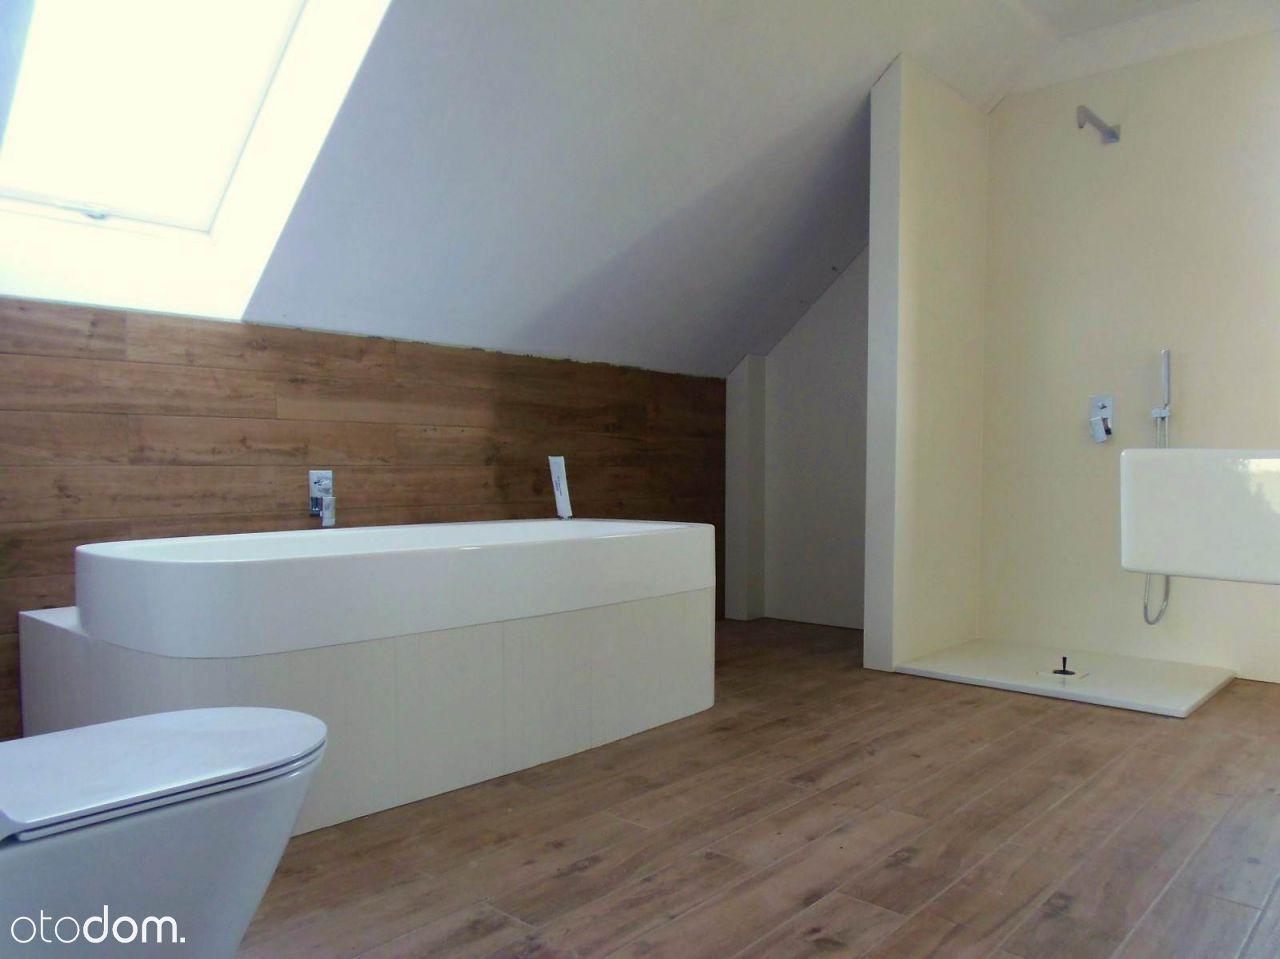 Dom na sprzedaż, Niekanin, kołobrzeski, zachodniopomorskie - Foto 12